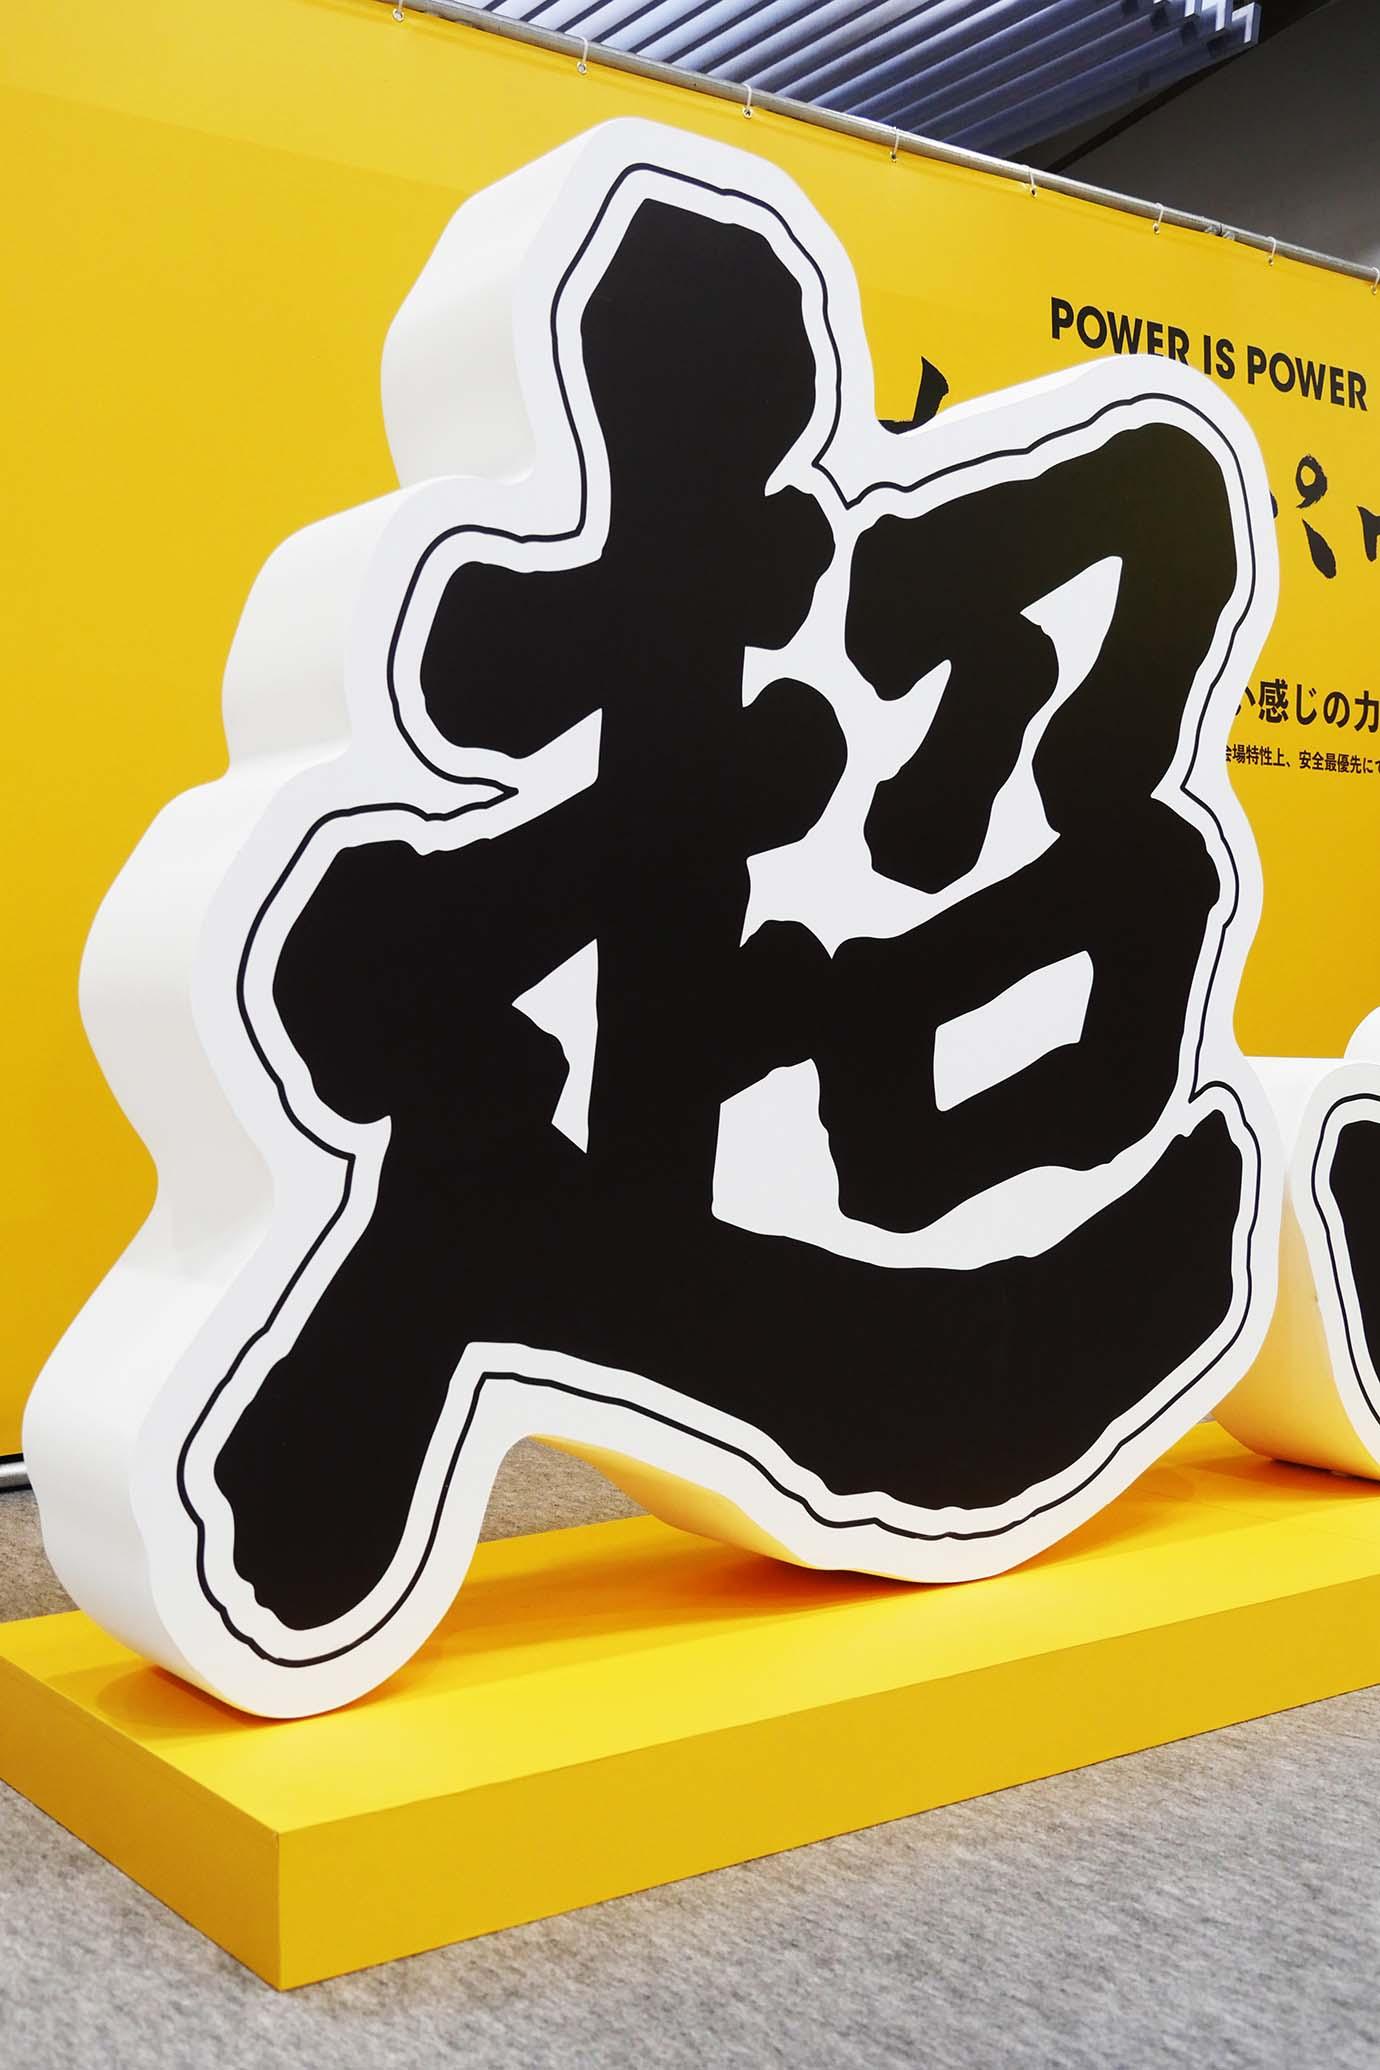 cho-iikani-no-yatsu2